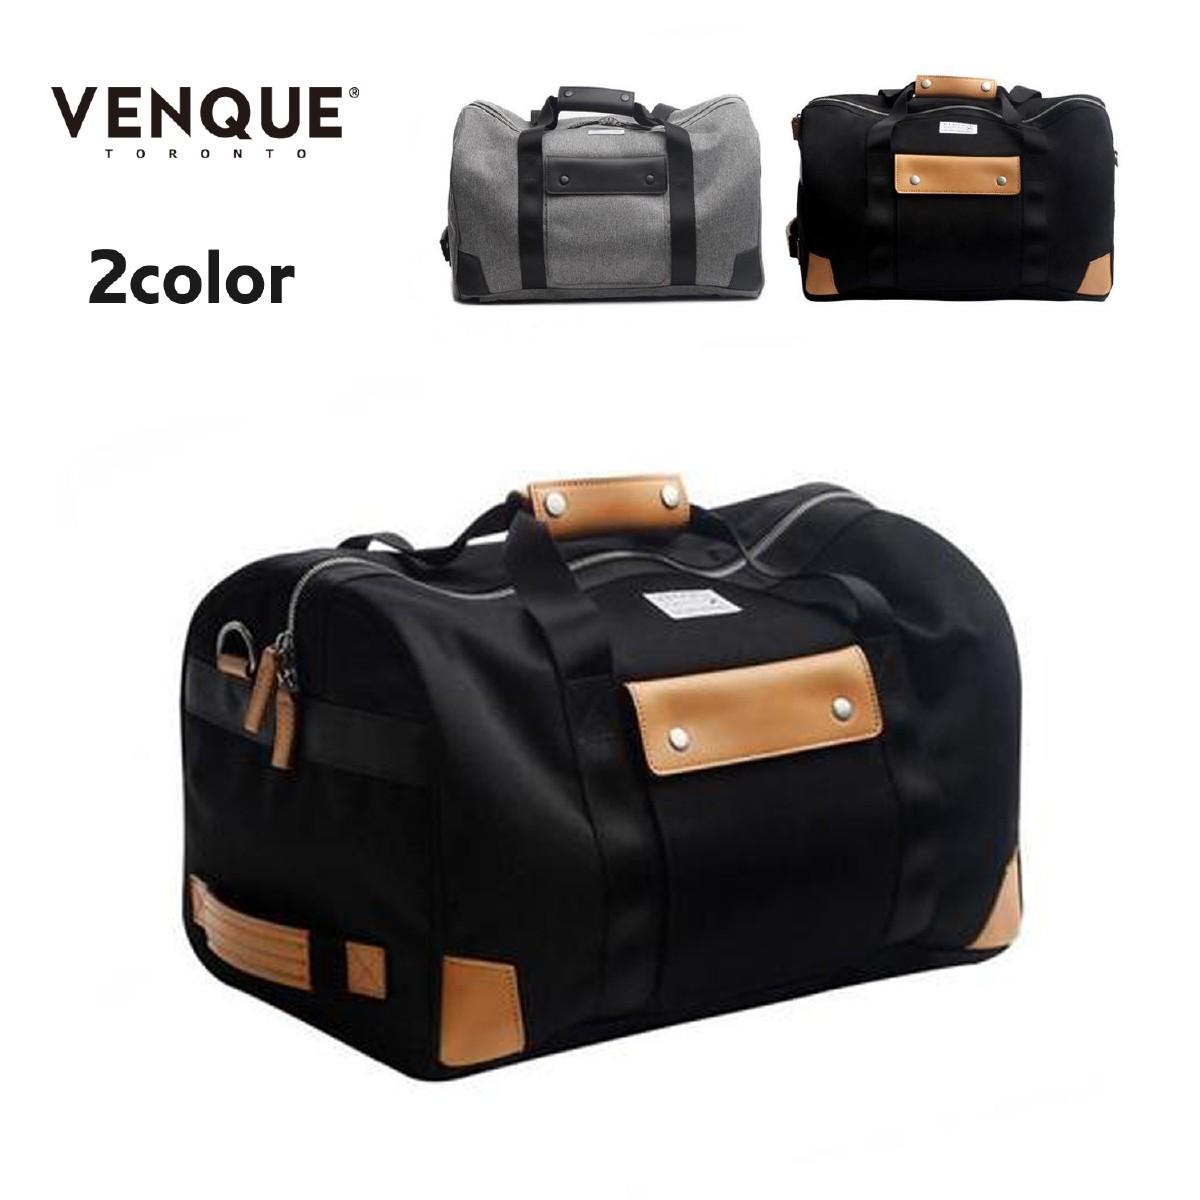 VENQUE ヴェンク Duffel Pack 48.5L 2カラー ダッフルバッグ バッグ ダッフル バックパック トラベルバッグ ジムバッグ リュック 本革 レザー 撥水 3WAY 大容量 カナダ グレー ブラック